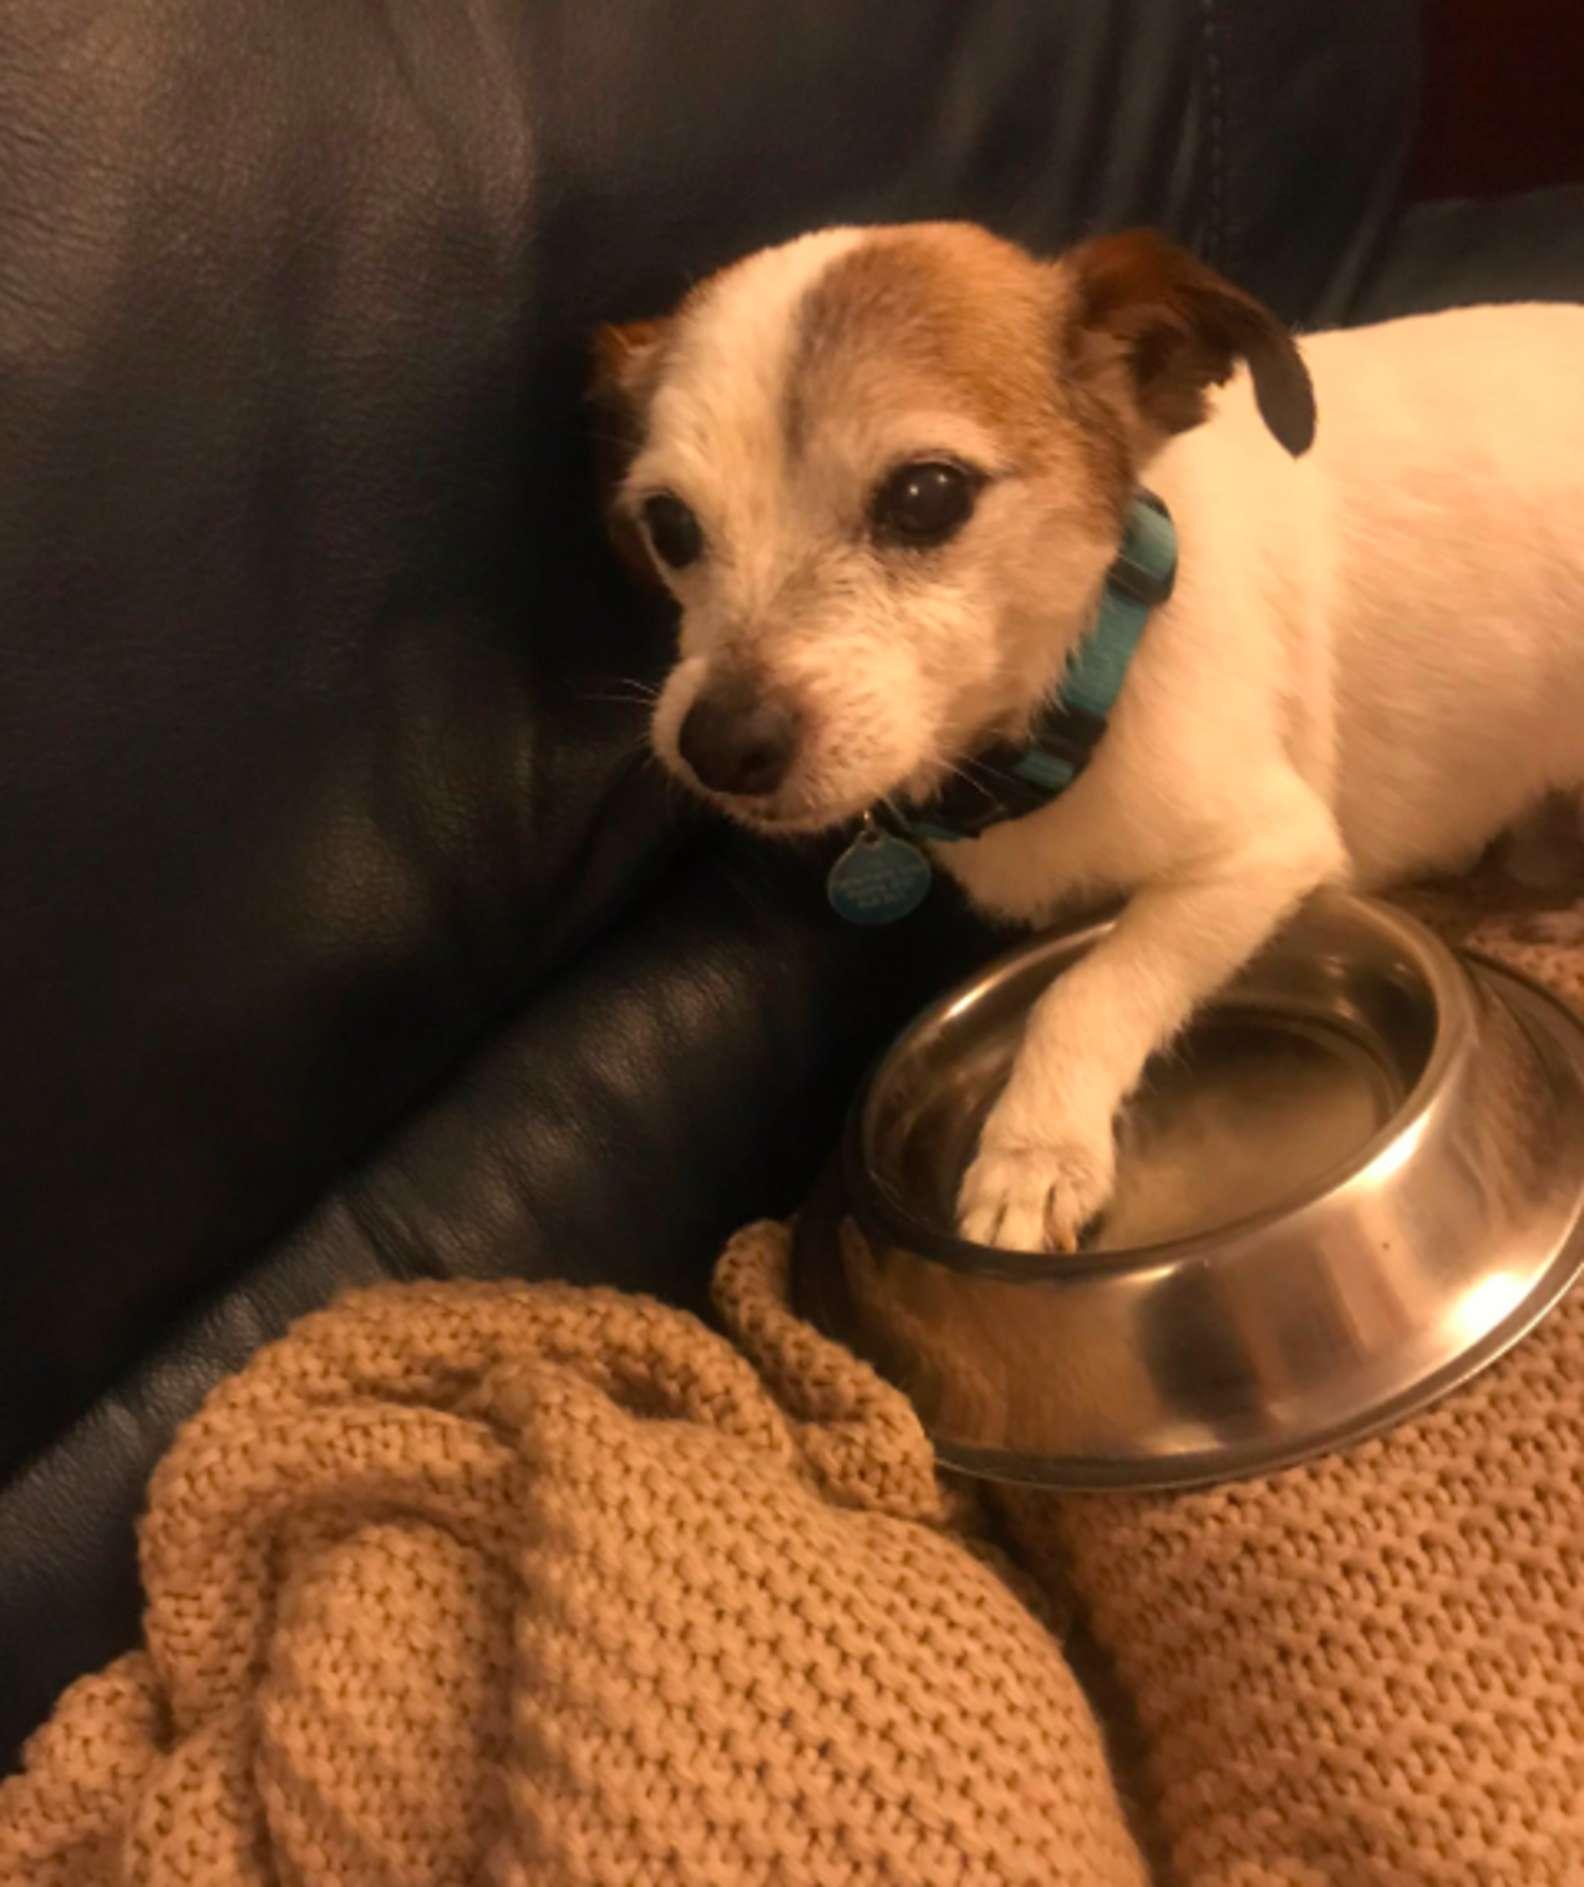 Cachorro resgatado ganha tigela para comida e passa a dormir com ela para não perdê-la